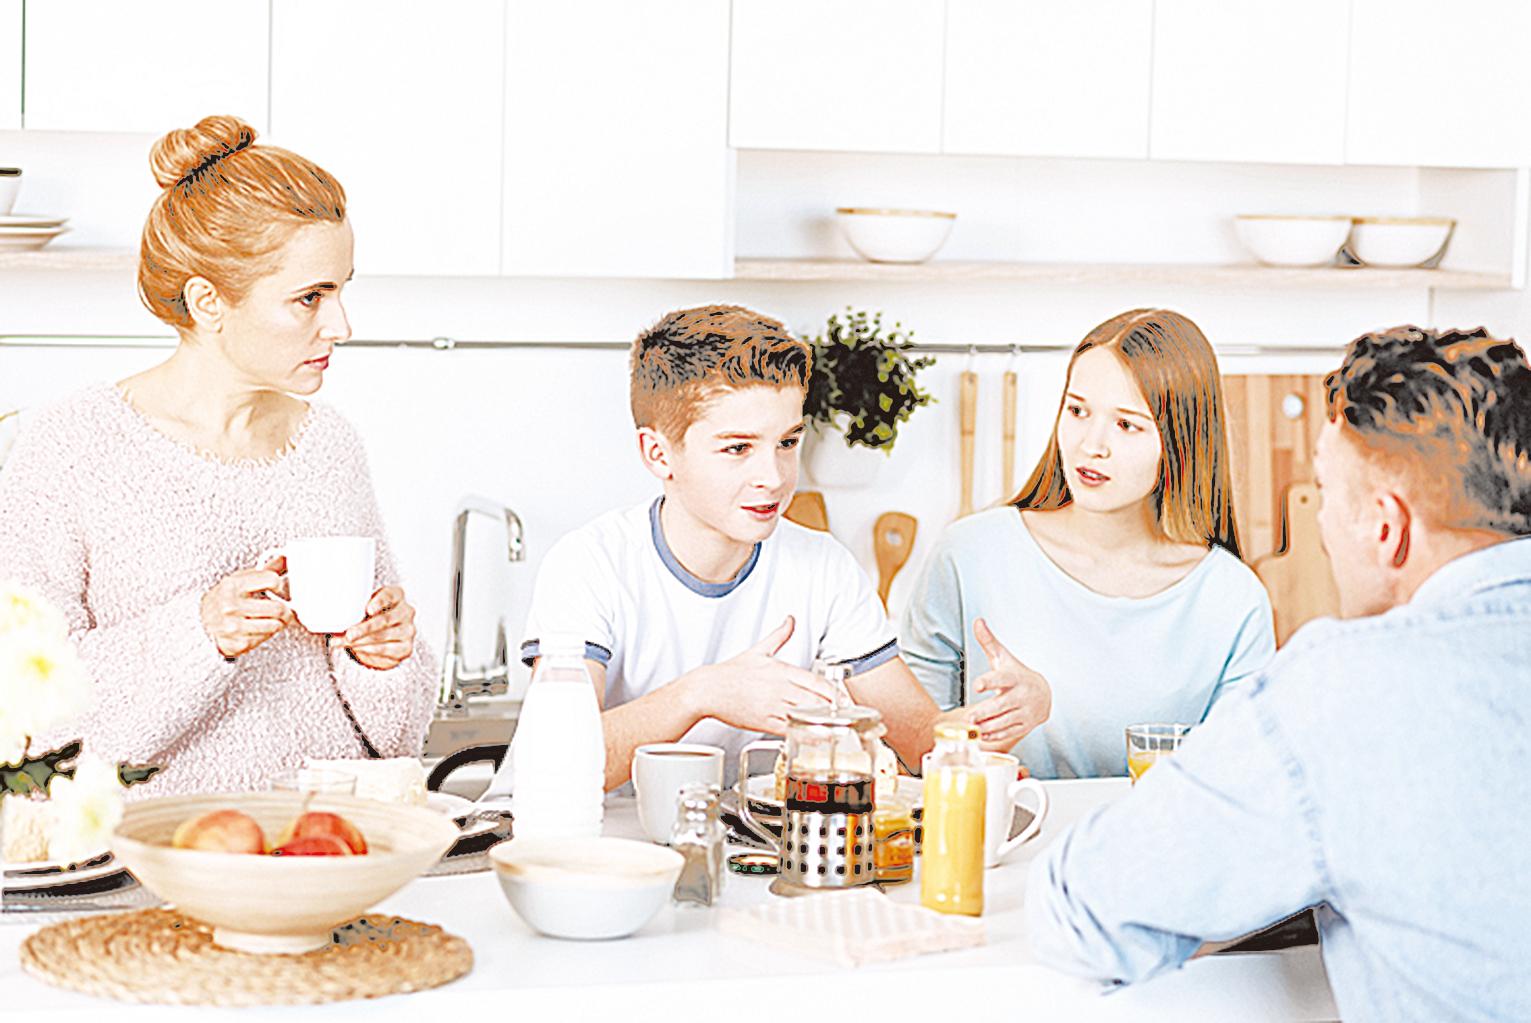 在定期一起用餐的家庭中長大的孩子更懂得分享、公平和尊重。